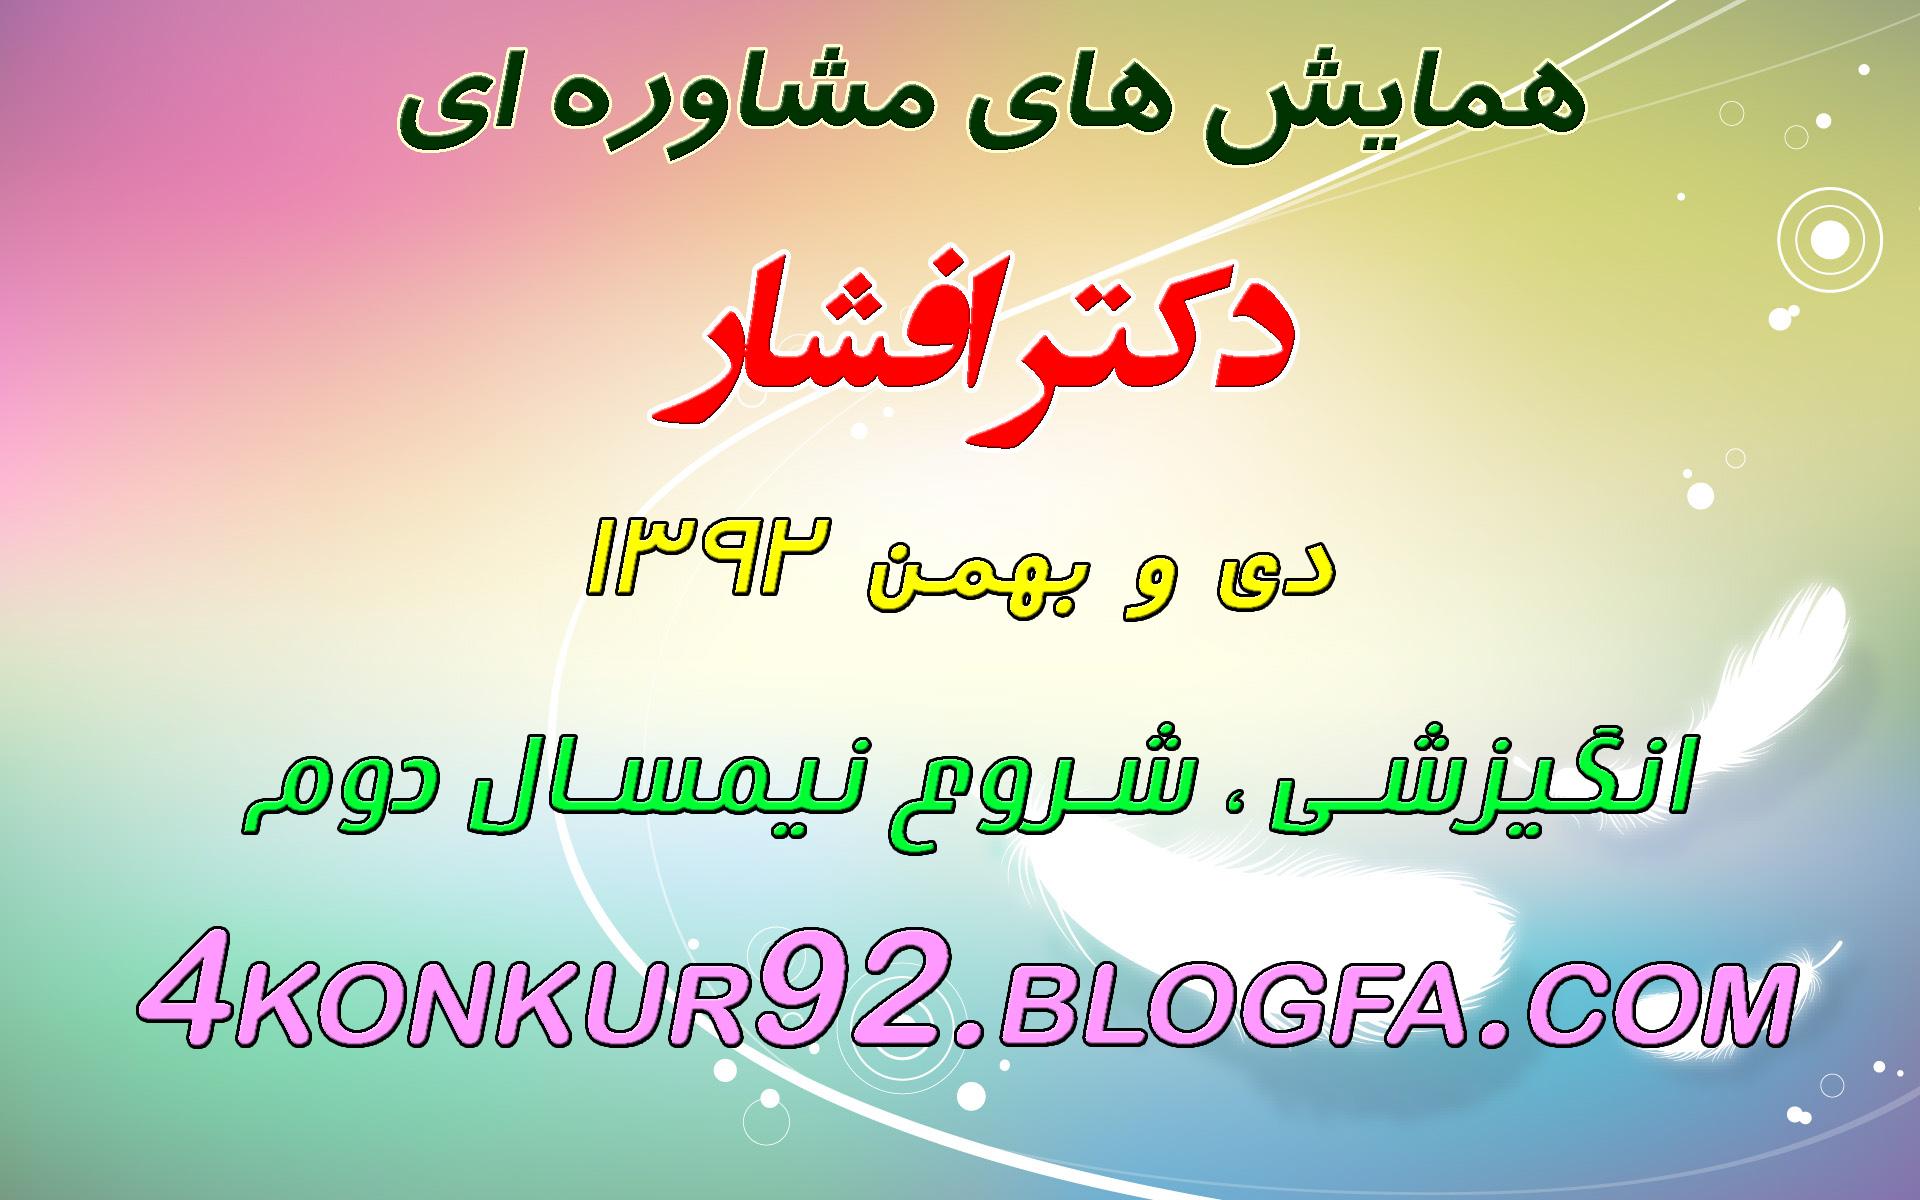 همایش دکتر افشار| www.4konkur92.blogfa.com